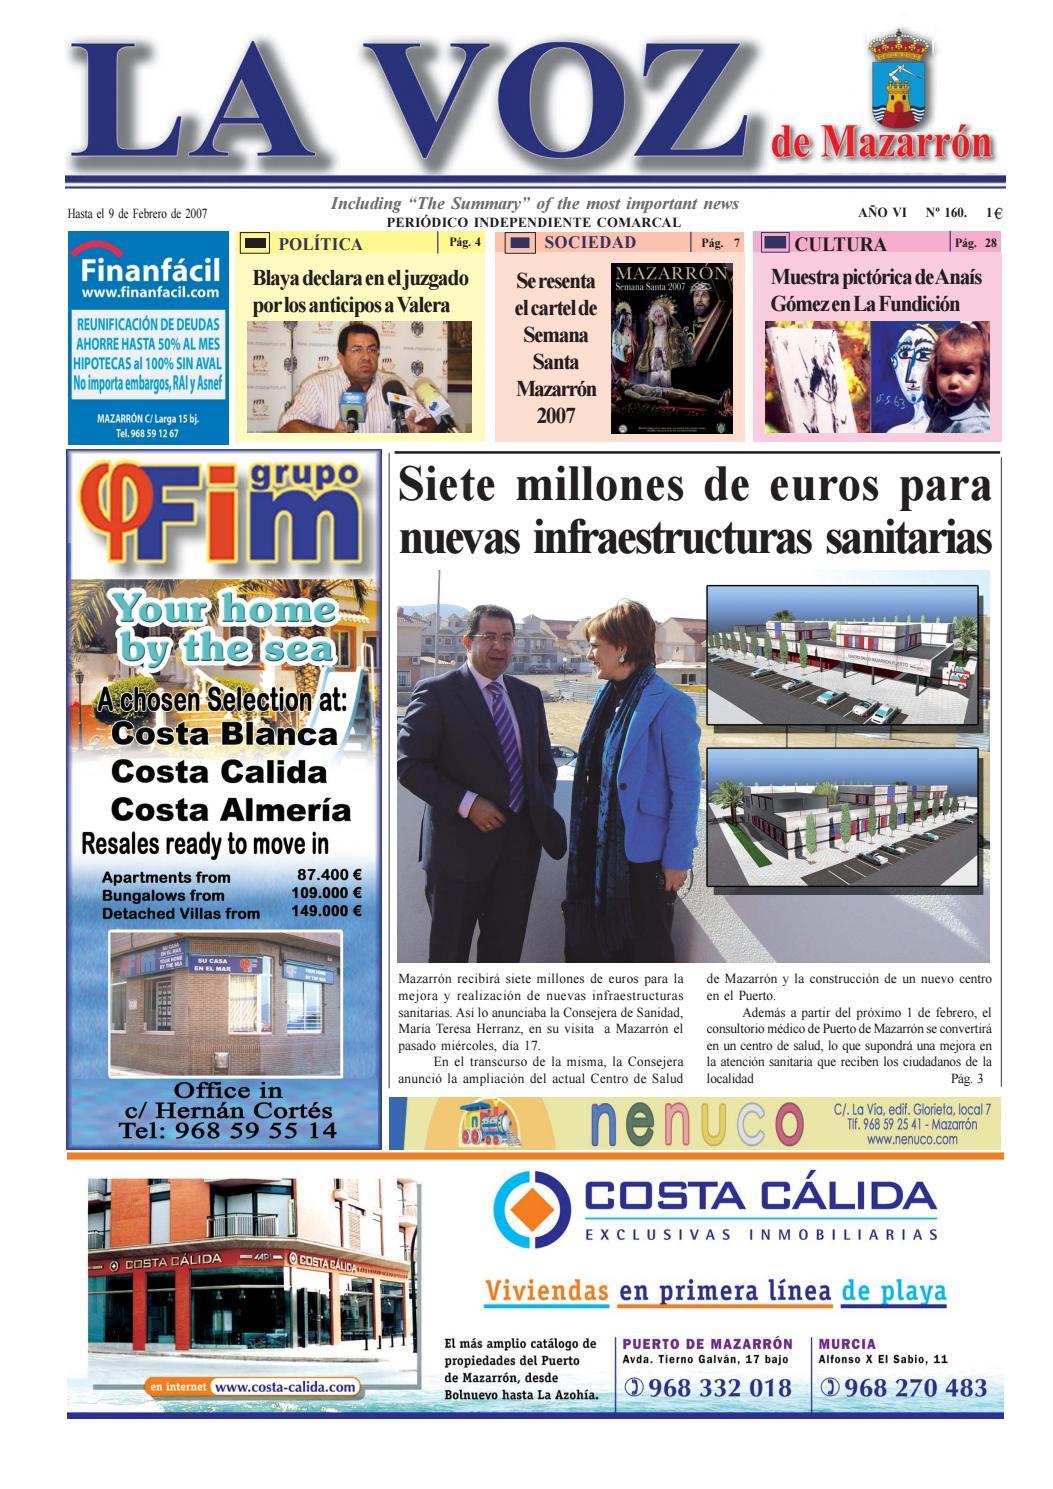 Voz160 by La Voz de Mazarrón (Periódico) - issuu